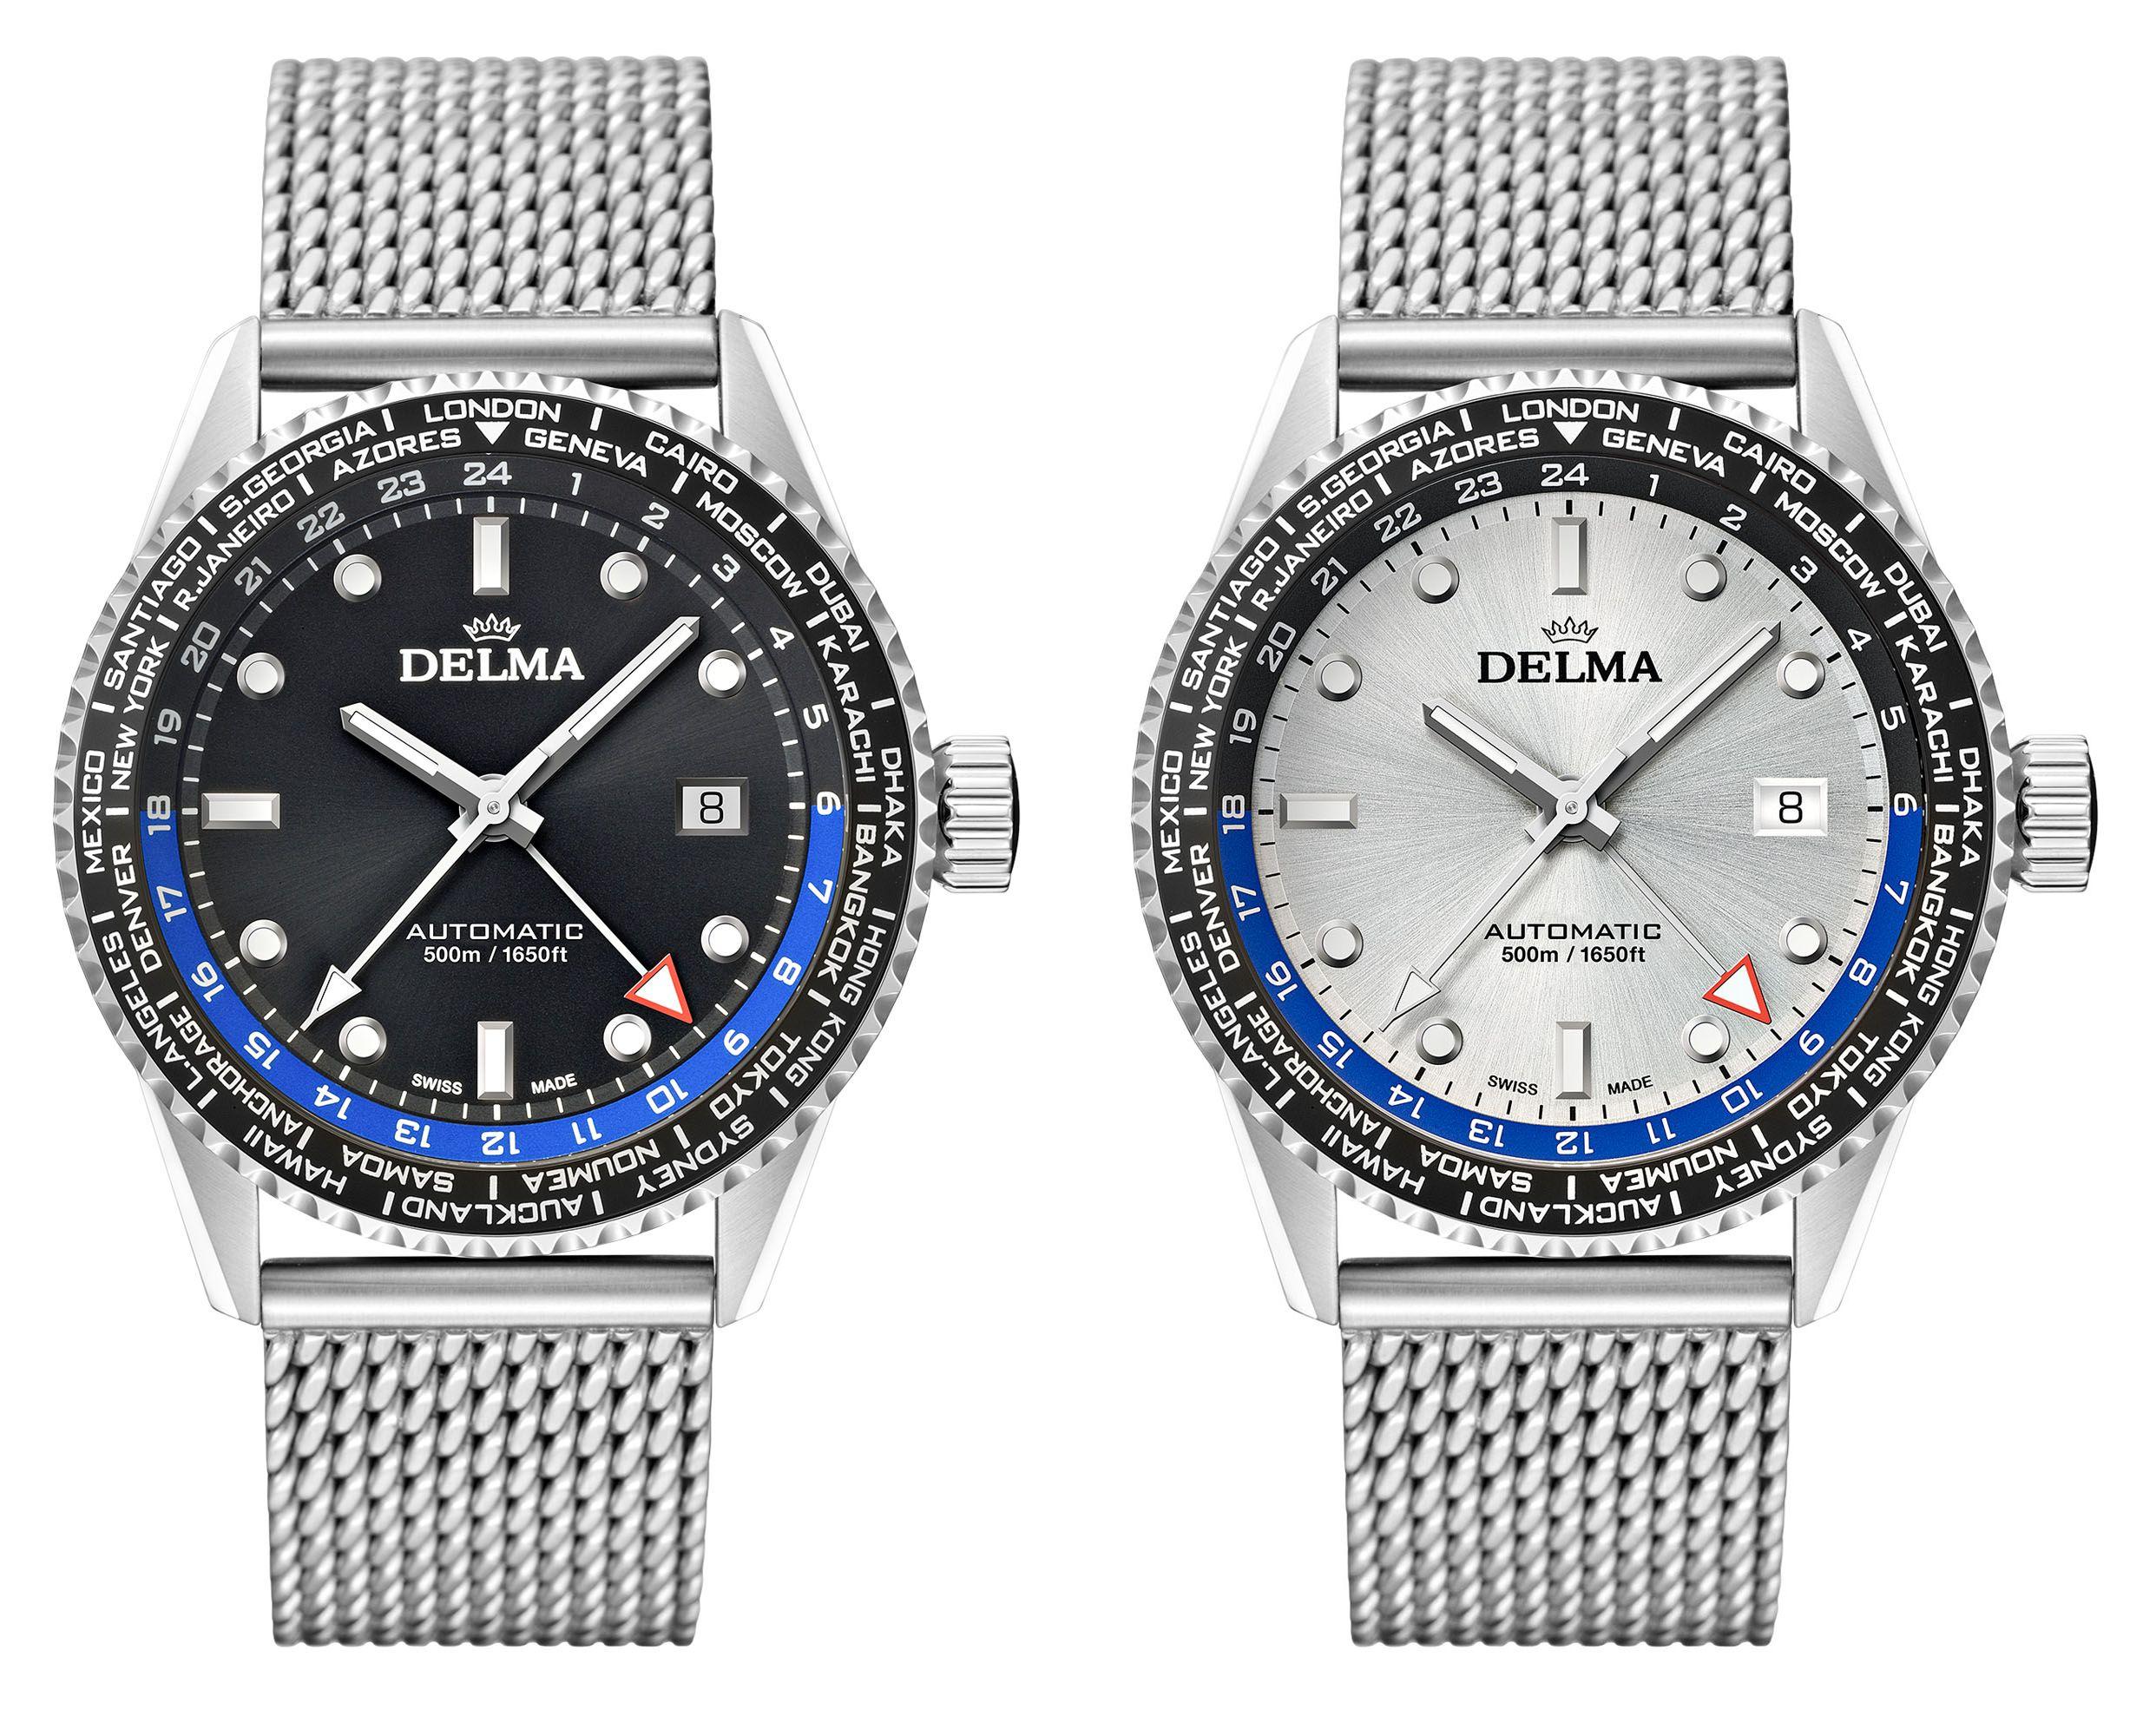 Delma Cayman Worldtimer Automatic - számlapból alapszínek: fekete, ezüst és kék